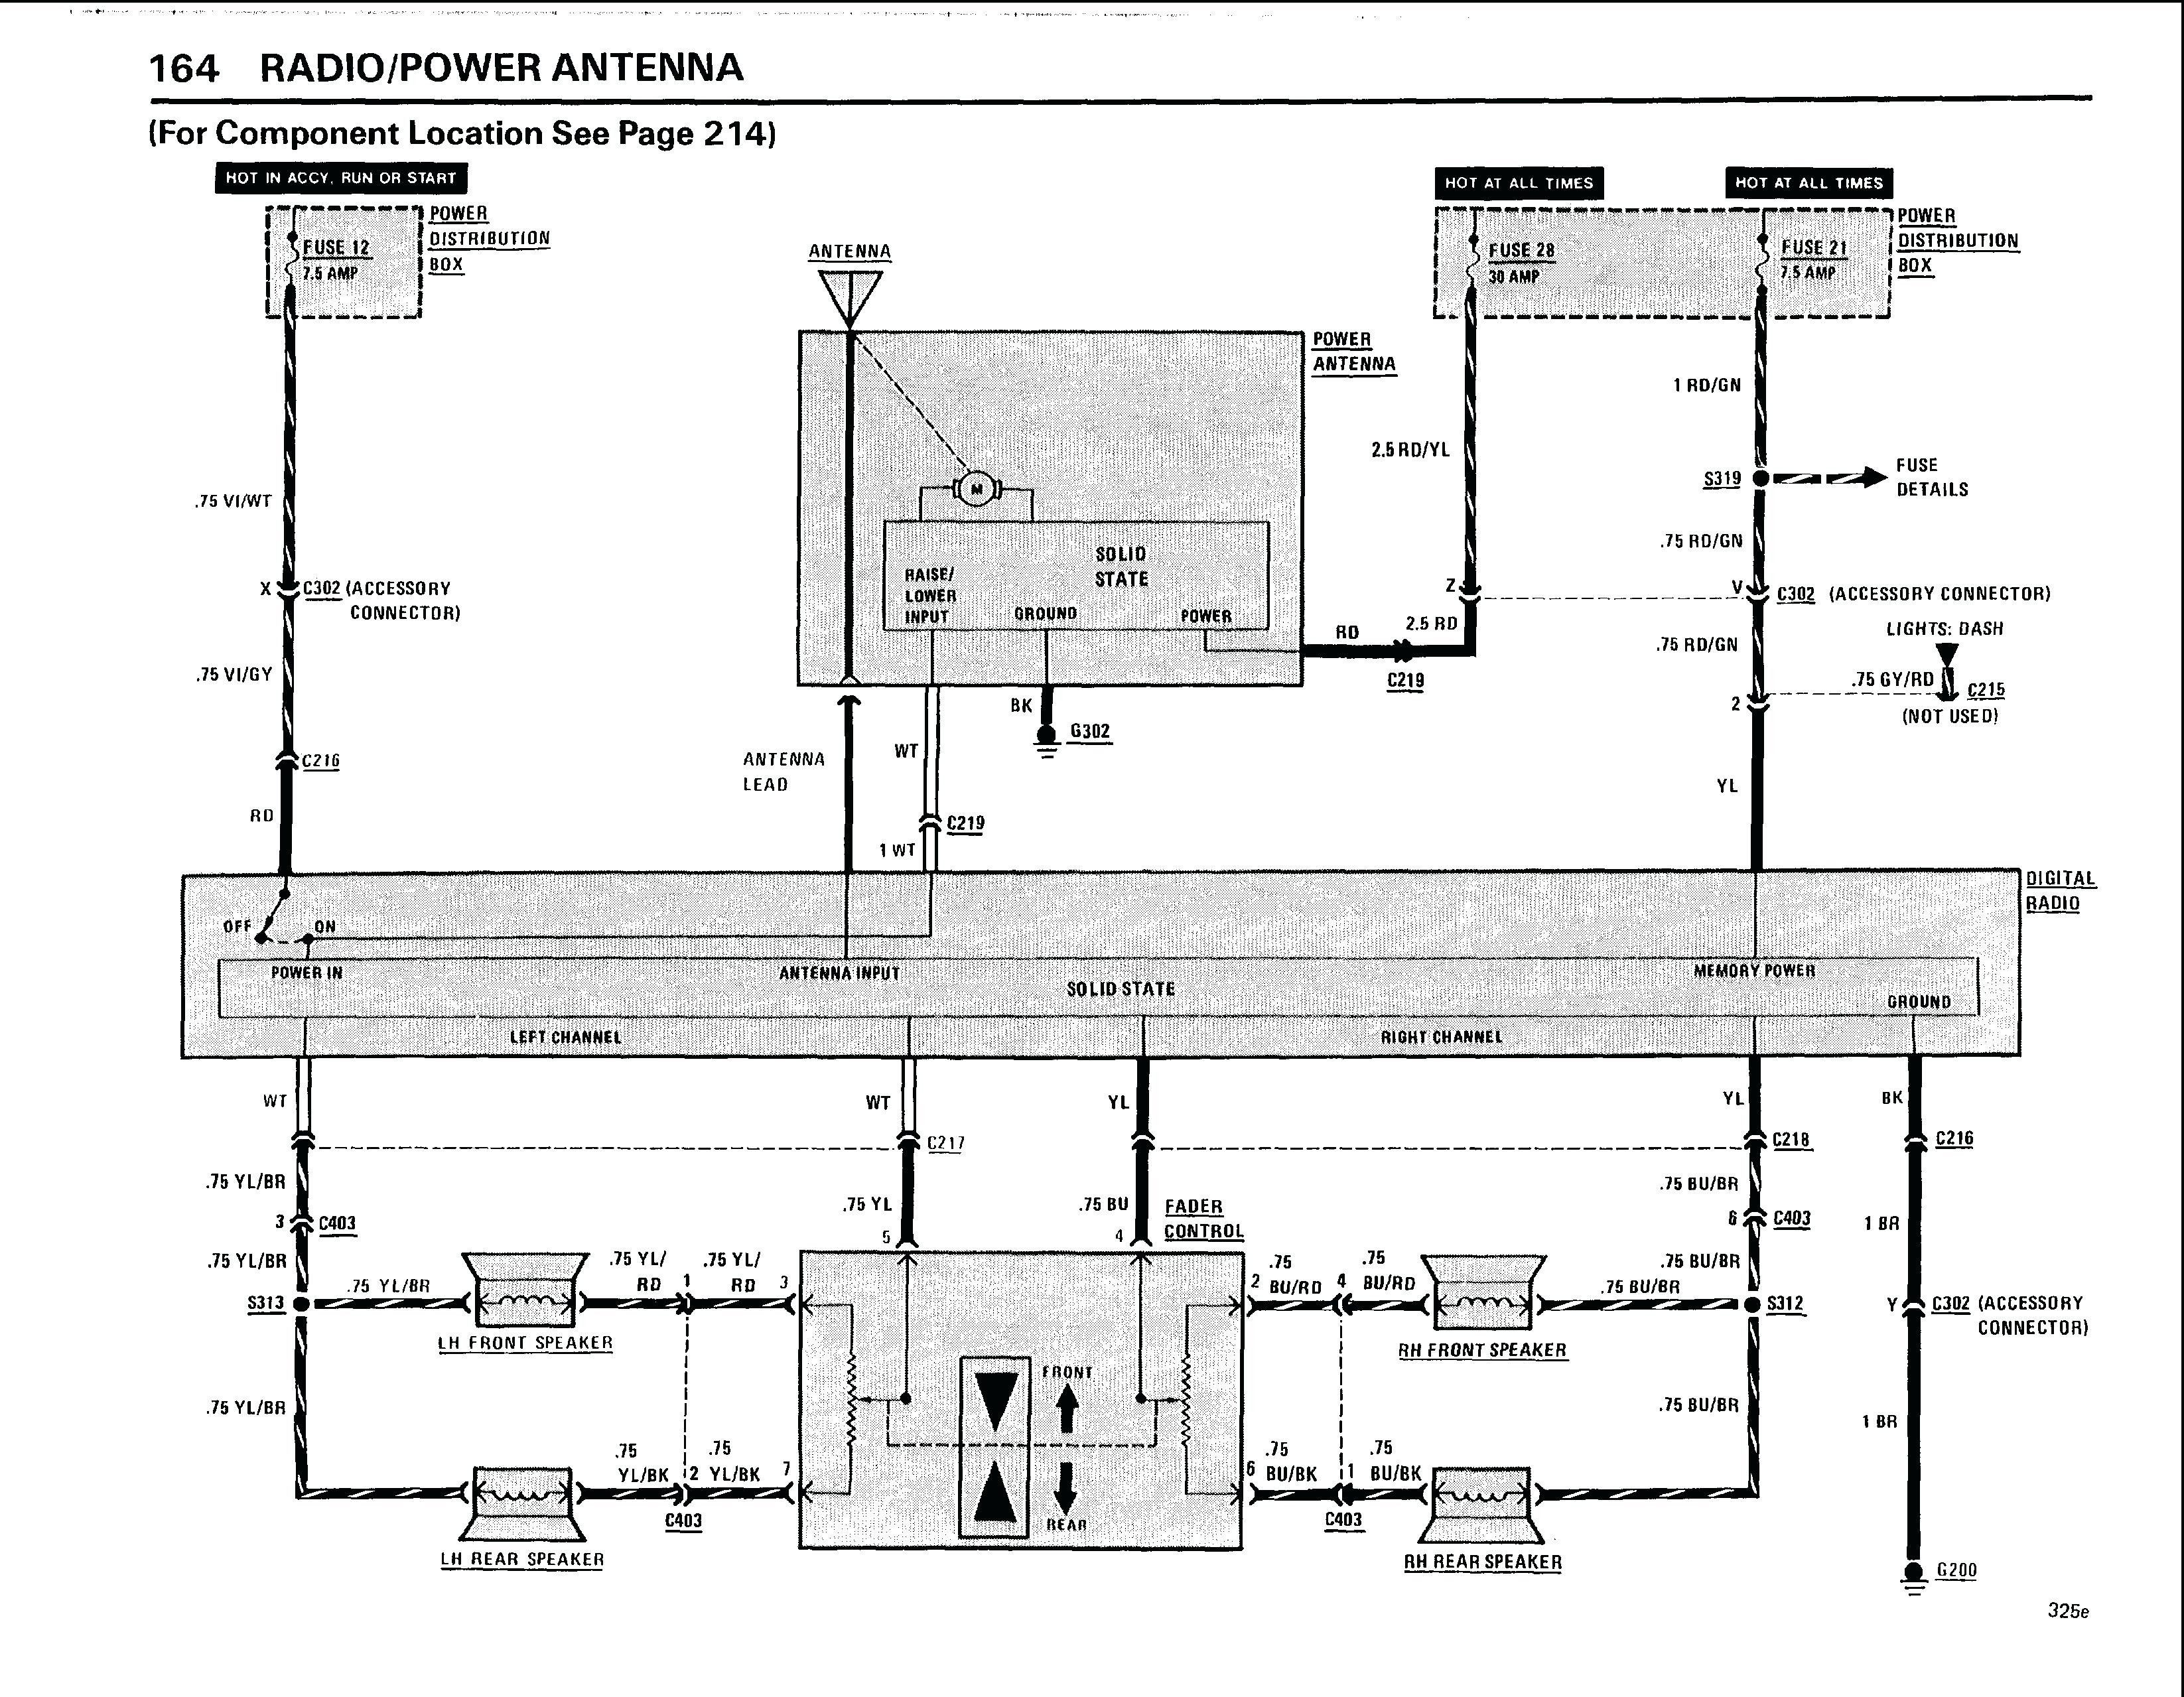 DIAGRAM] 1997 Bmw 328i Wiring Diagram Ecu FULL Version HD Quality Diagram  Ecu - FORDDIAGRAM.CLUB-RONSARD.FRClub Ronsard